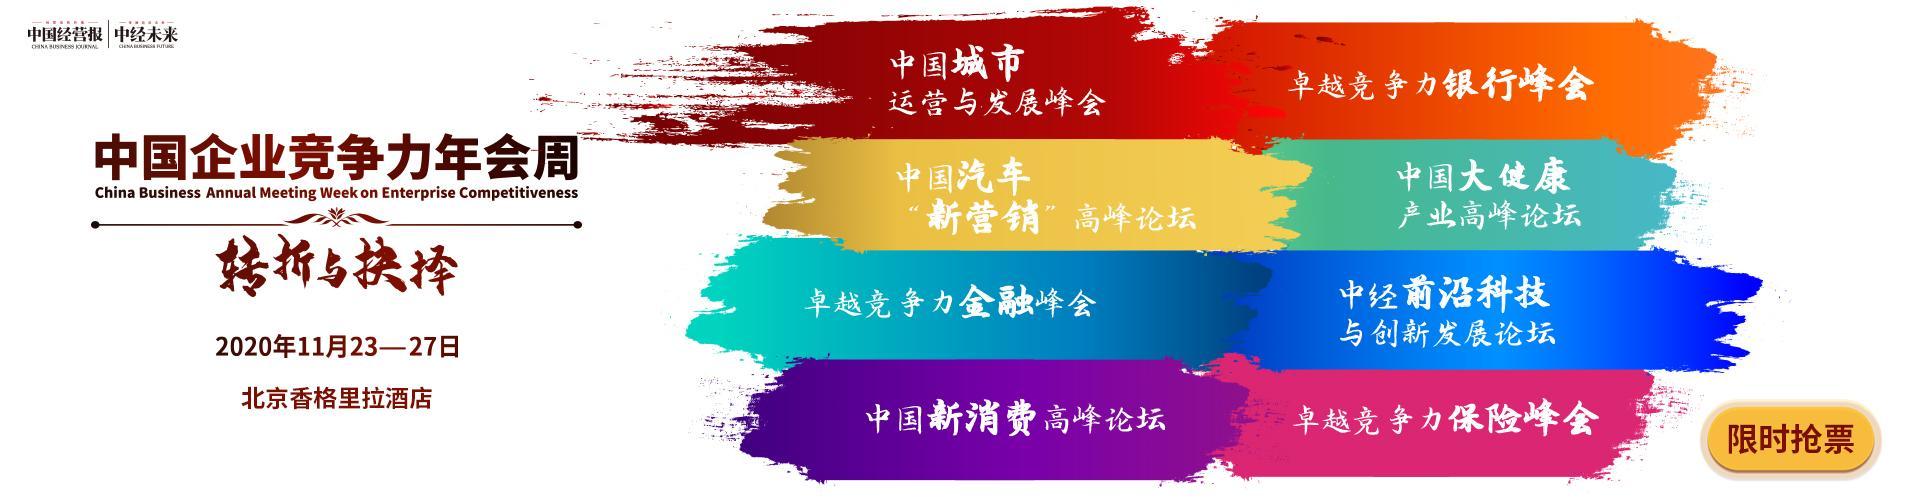 转折与抉择—2020中国企业竞争力年会周